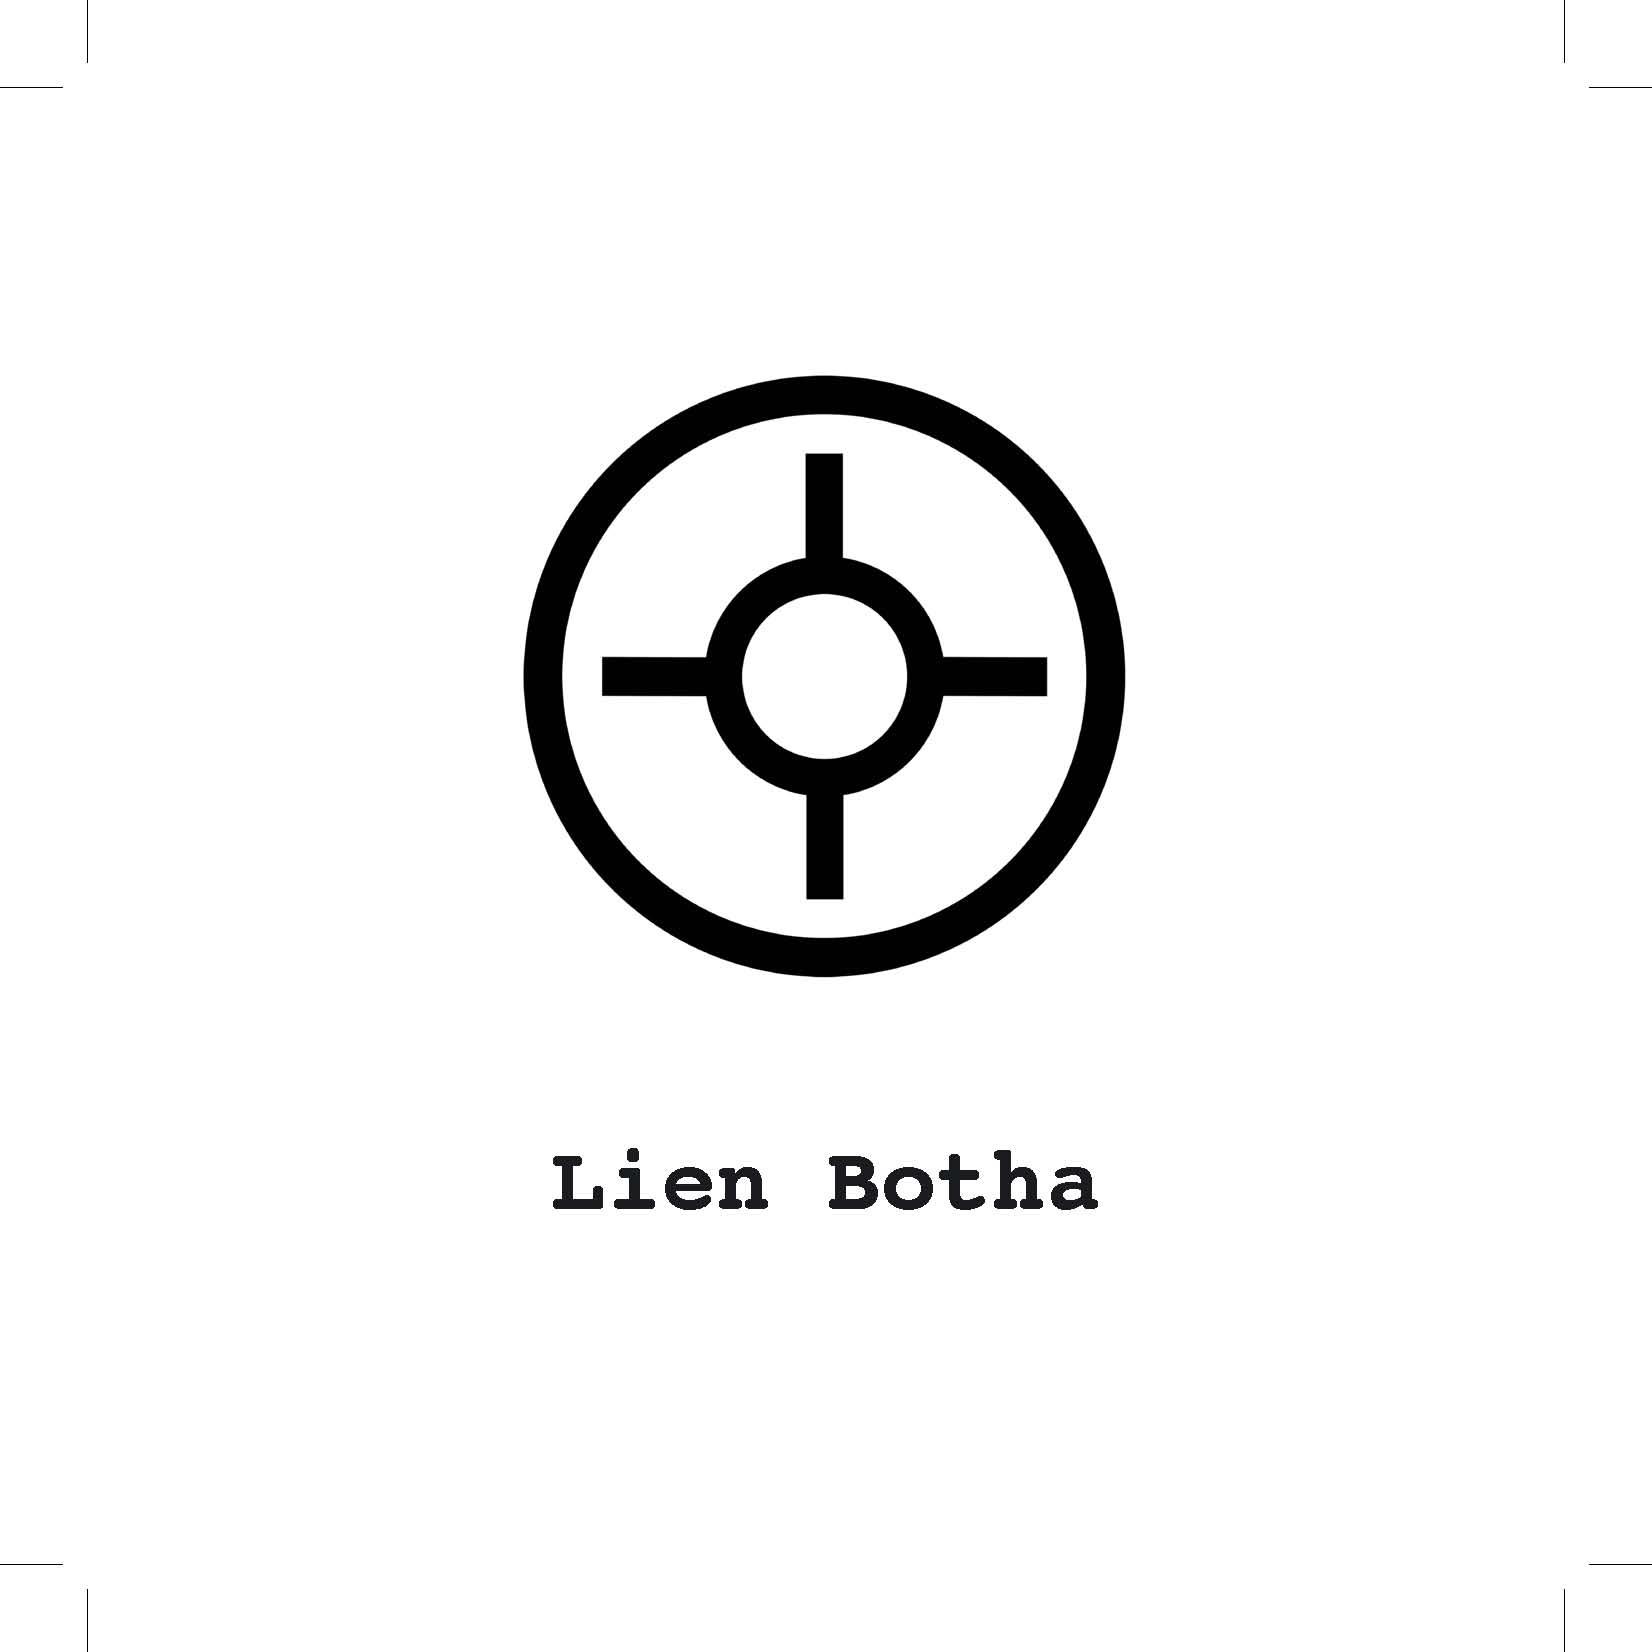 MAP Southafrica - Lien Botha